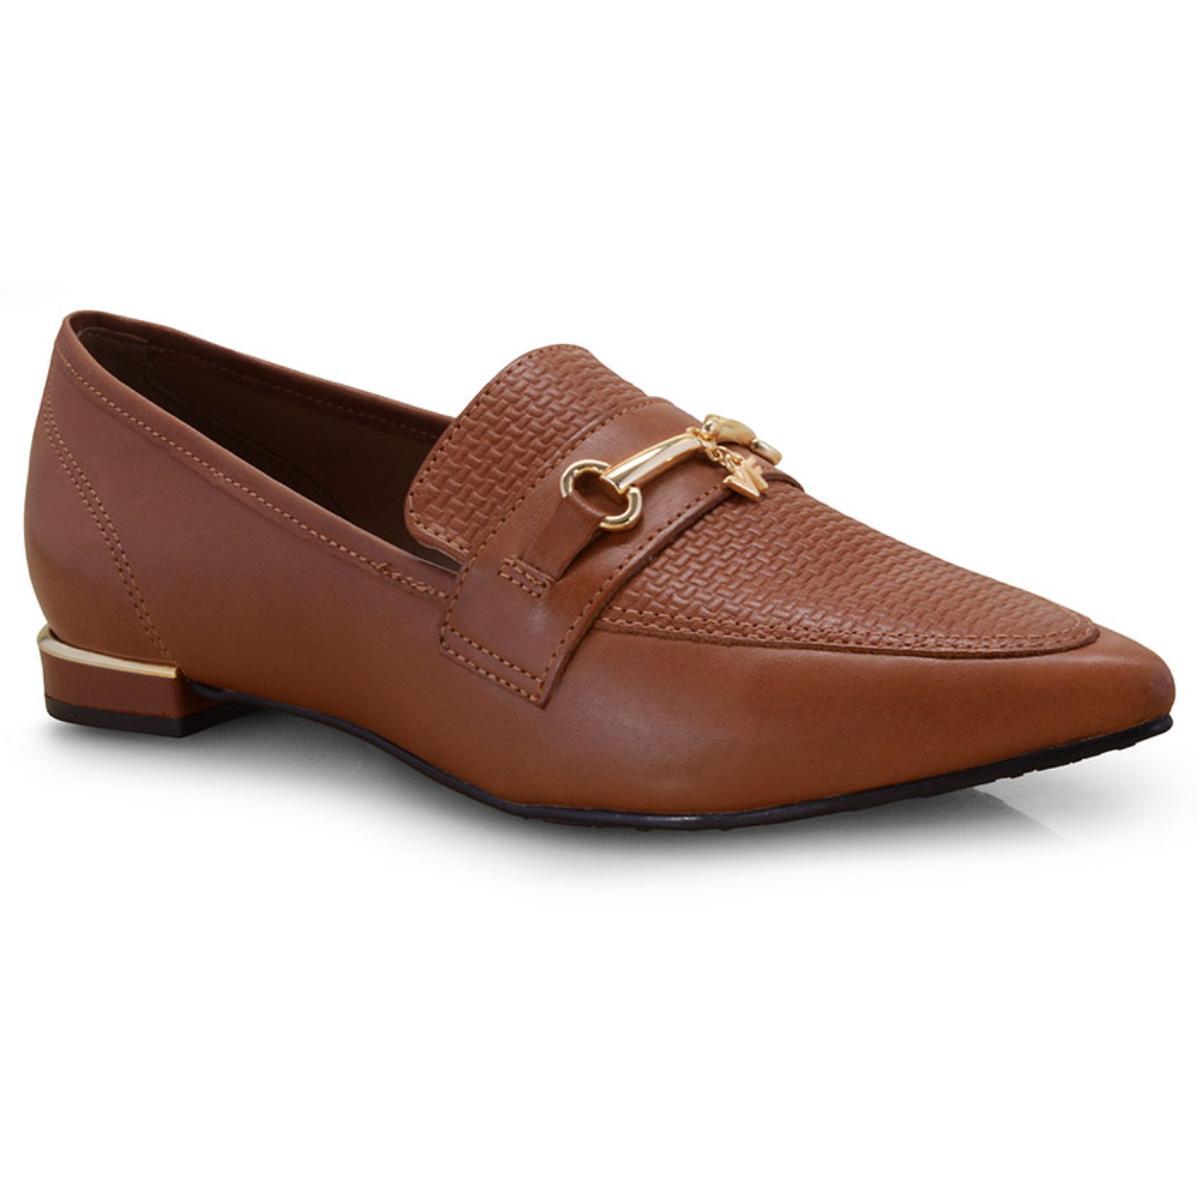 Sapato Feminino Verofatto 6012703 Marrom